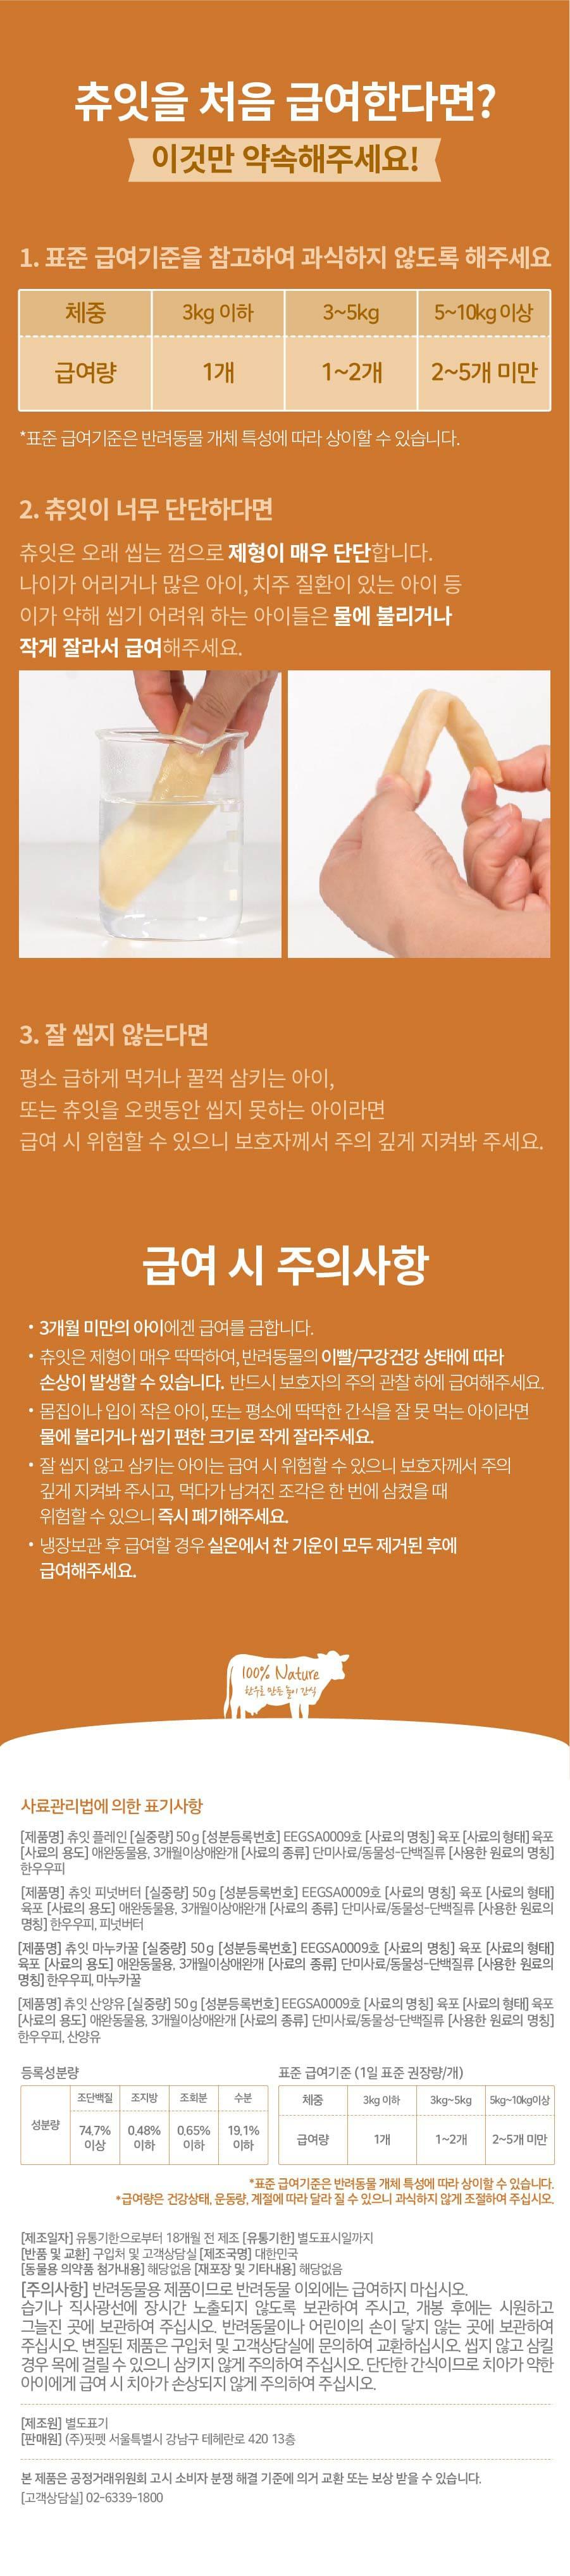 [오구오구특가]it 츄잇 산양유 (3개세트)-상품이미지-28